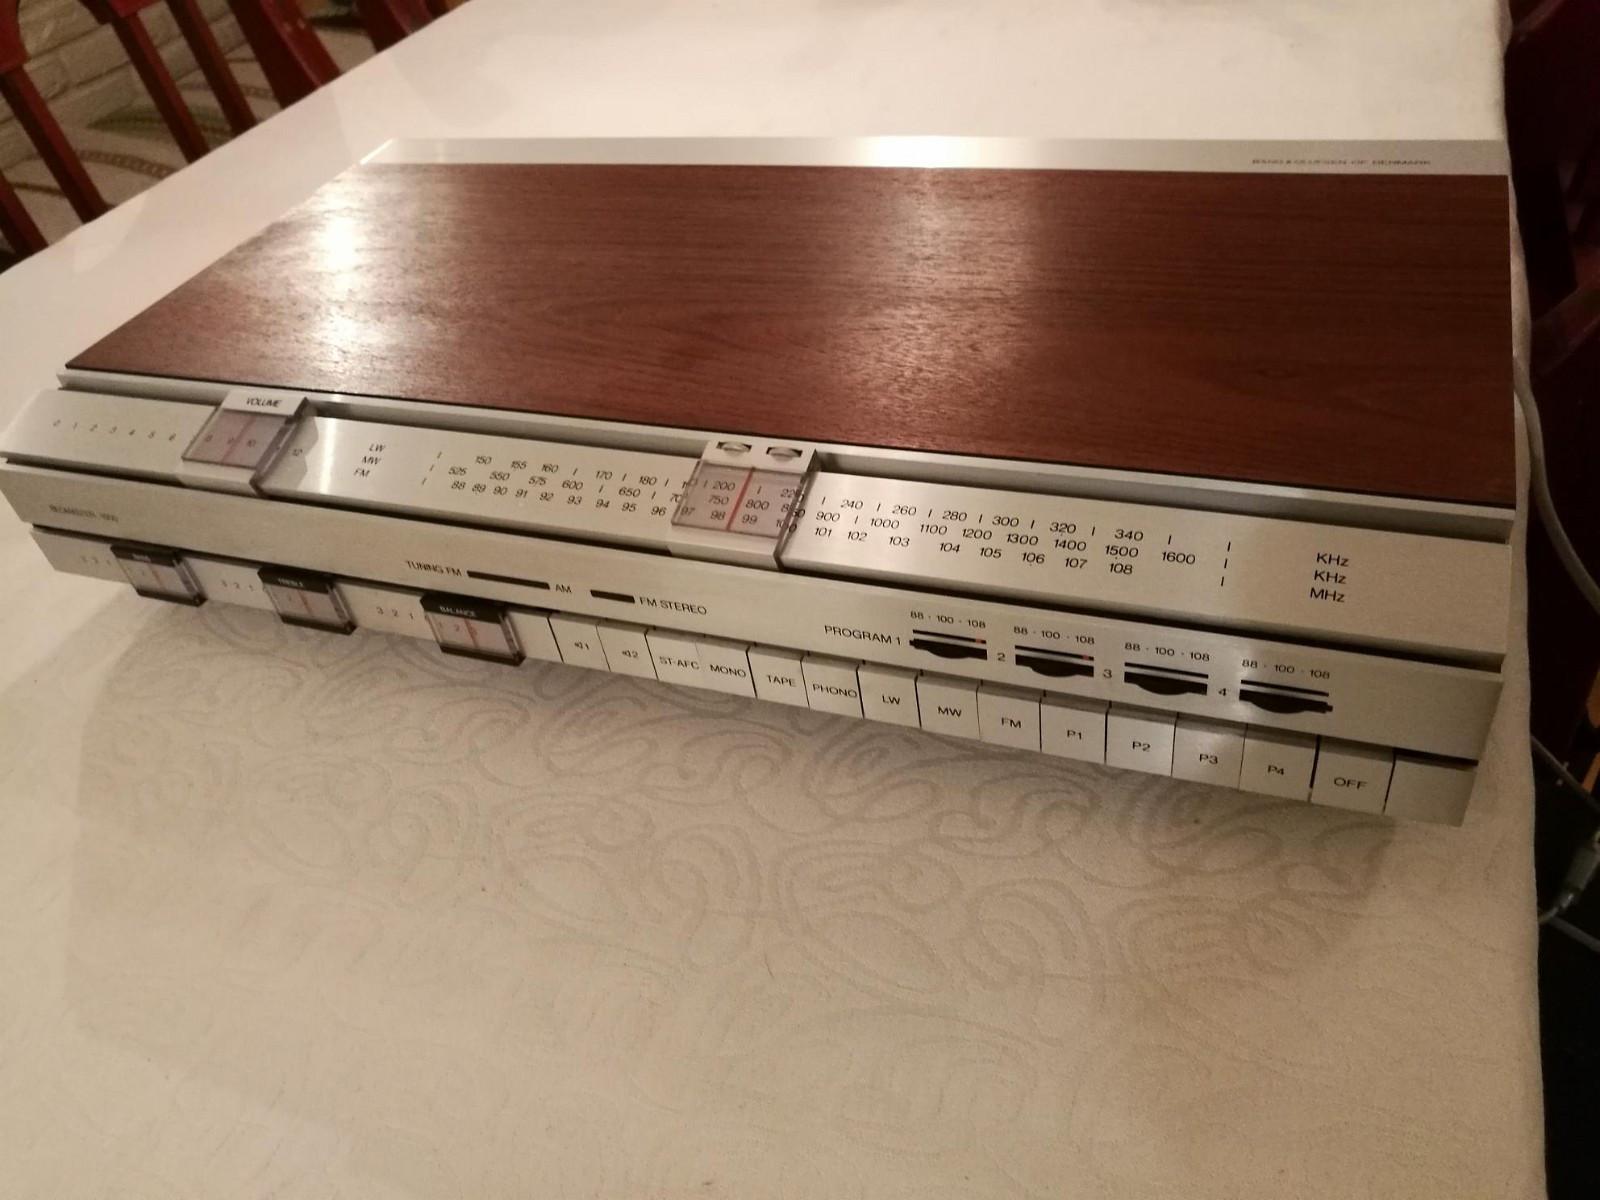 Bang & Olufsen forsterker - Hagan  - Fantastisk flott B&O forsterker selges. Beomaster 1500, designet av Jacob Jensen. Følger med overgang slik at du kan koble på chromecast audio, platespiller eller cd spiller. Strøken. - Hagan